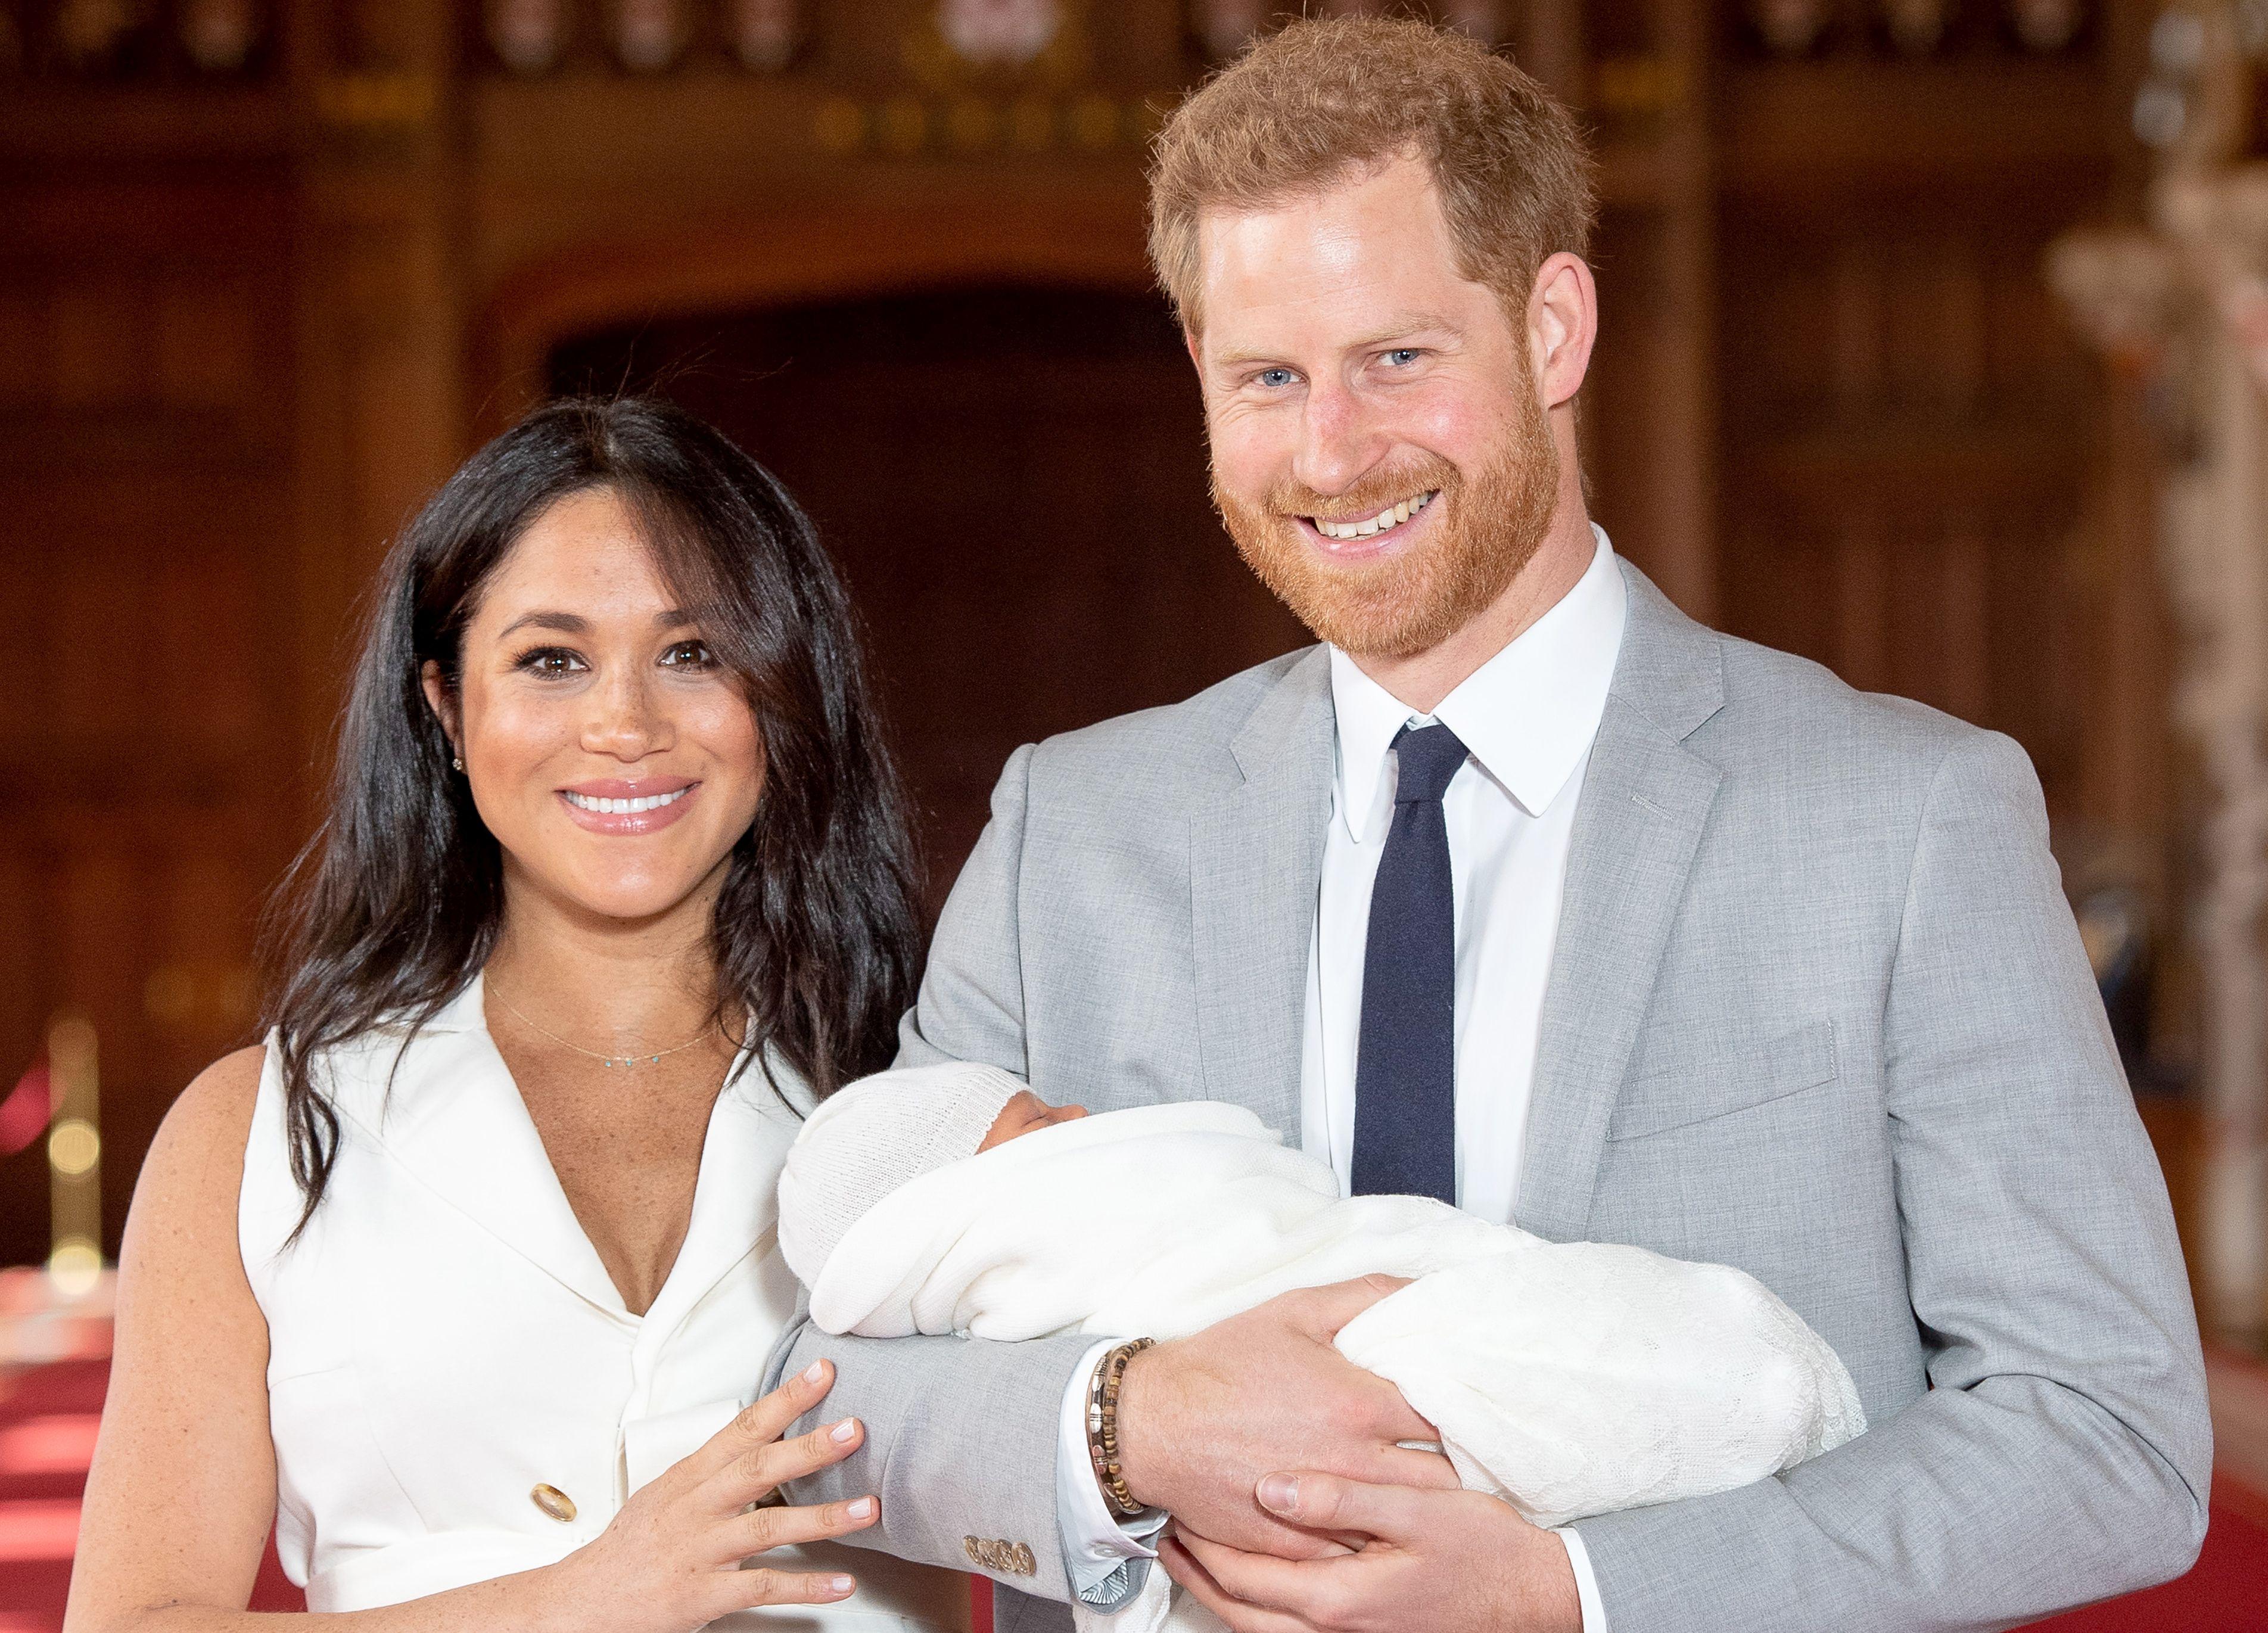 Fotografia emoționantă publicată de Prințul Harry și Meghan Markle cu micuțul Archie